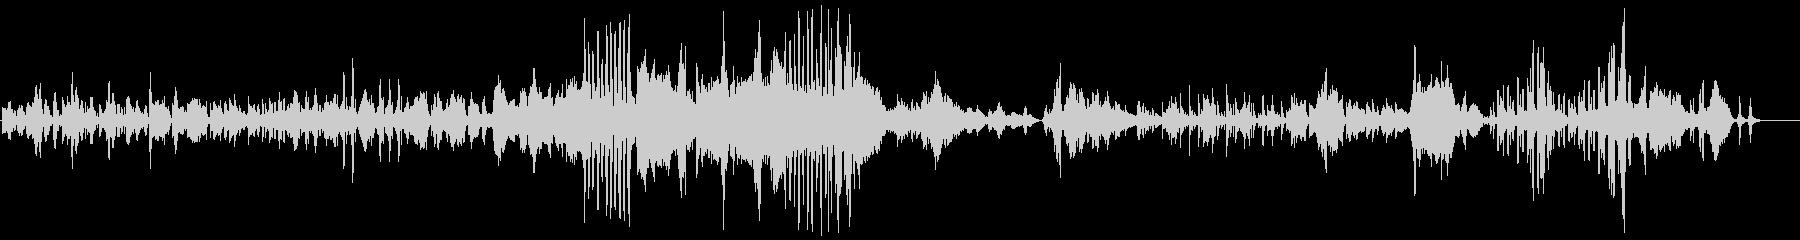 ブラームス/ヴァイオリン・ソナタ3-3の未再生の波形